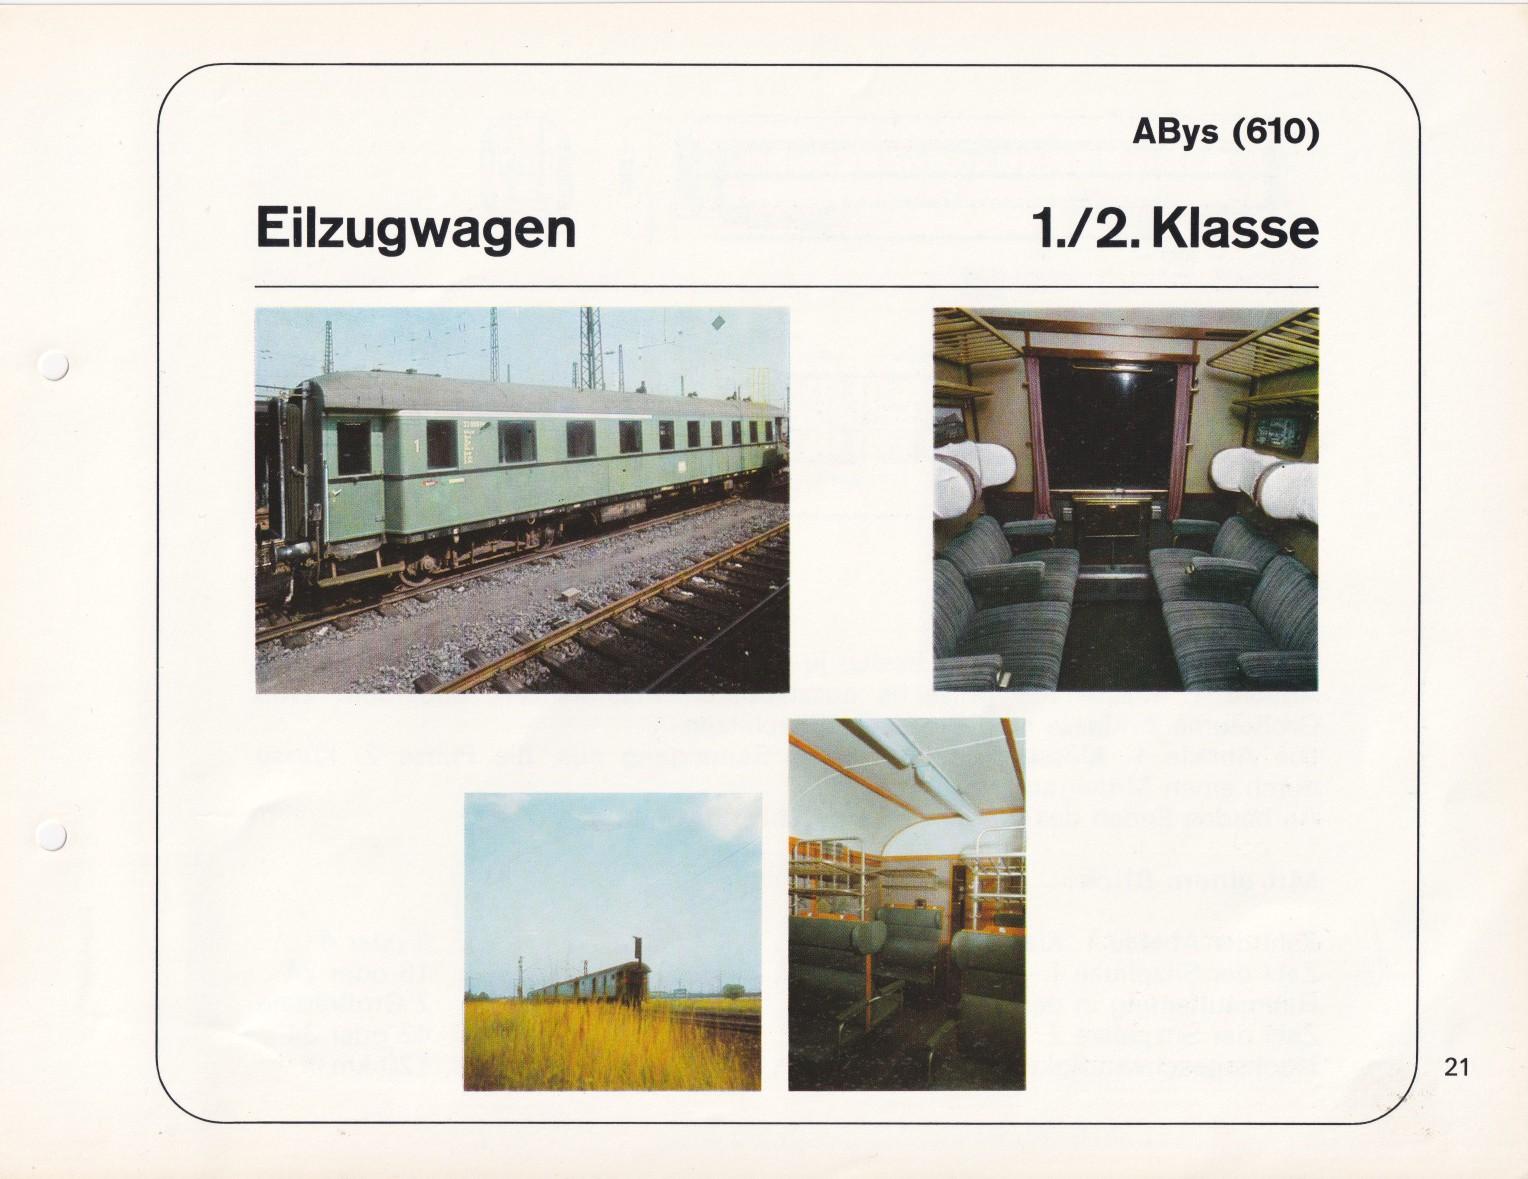 https://www.nullclub.de/hifo/Fahrzeuglexikon/Wagen21a.jpg